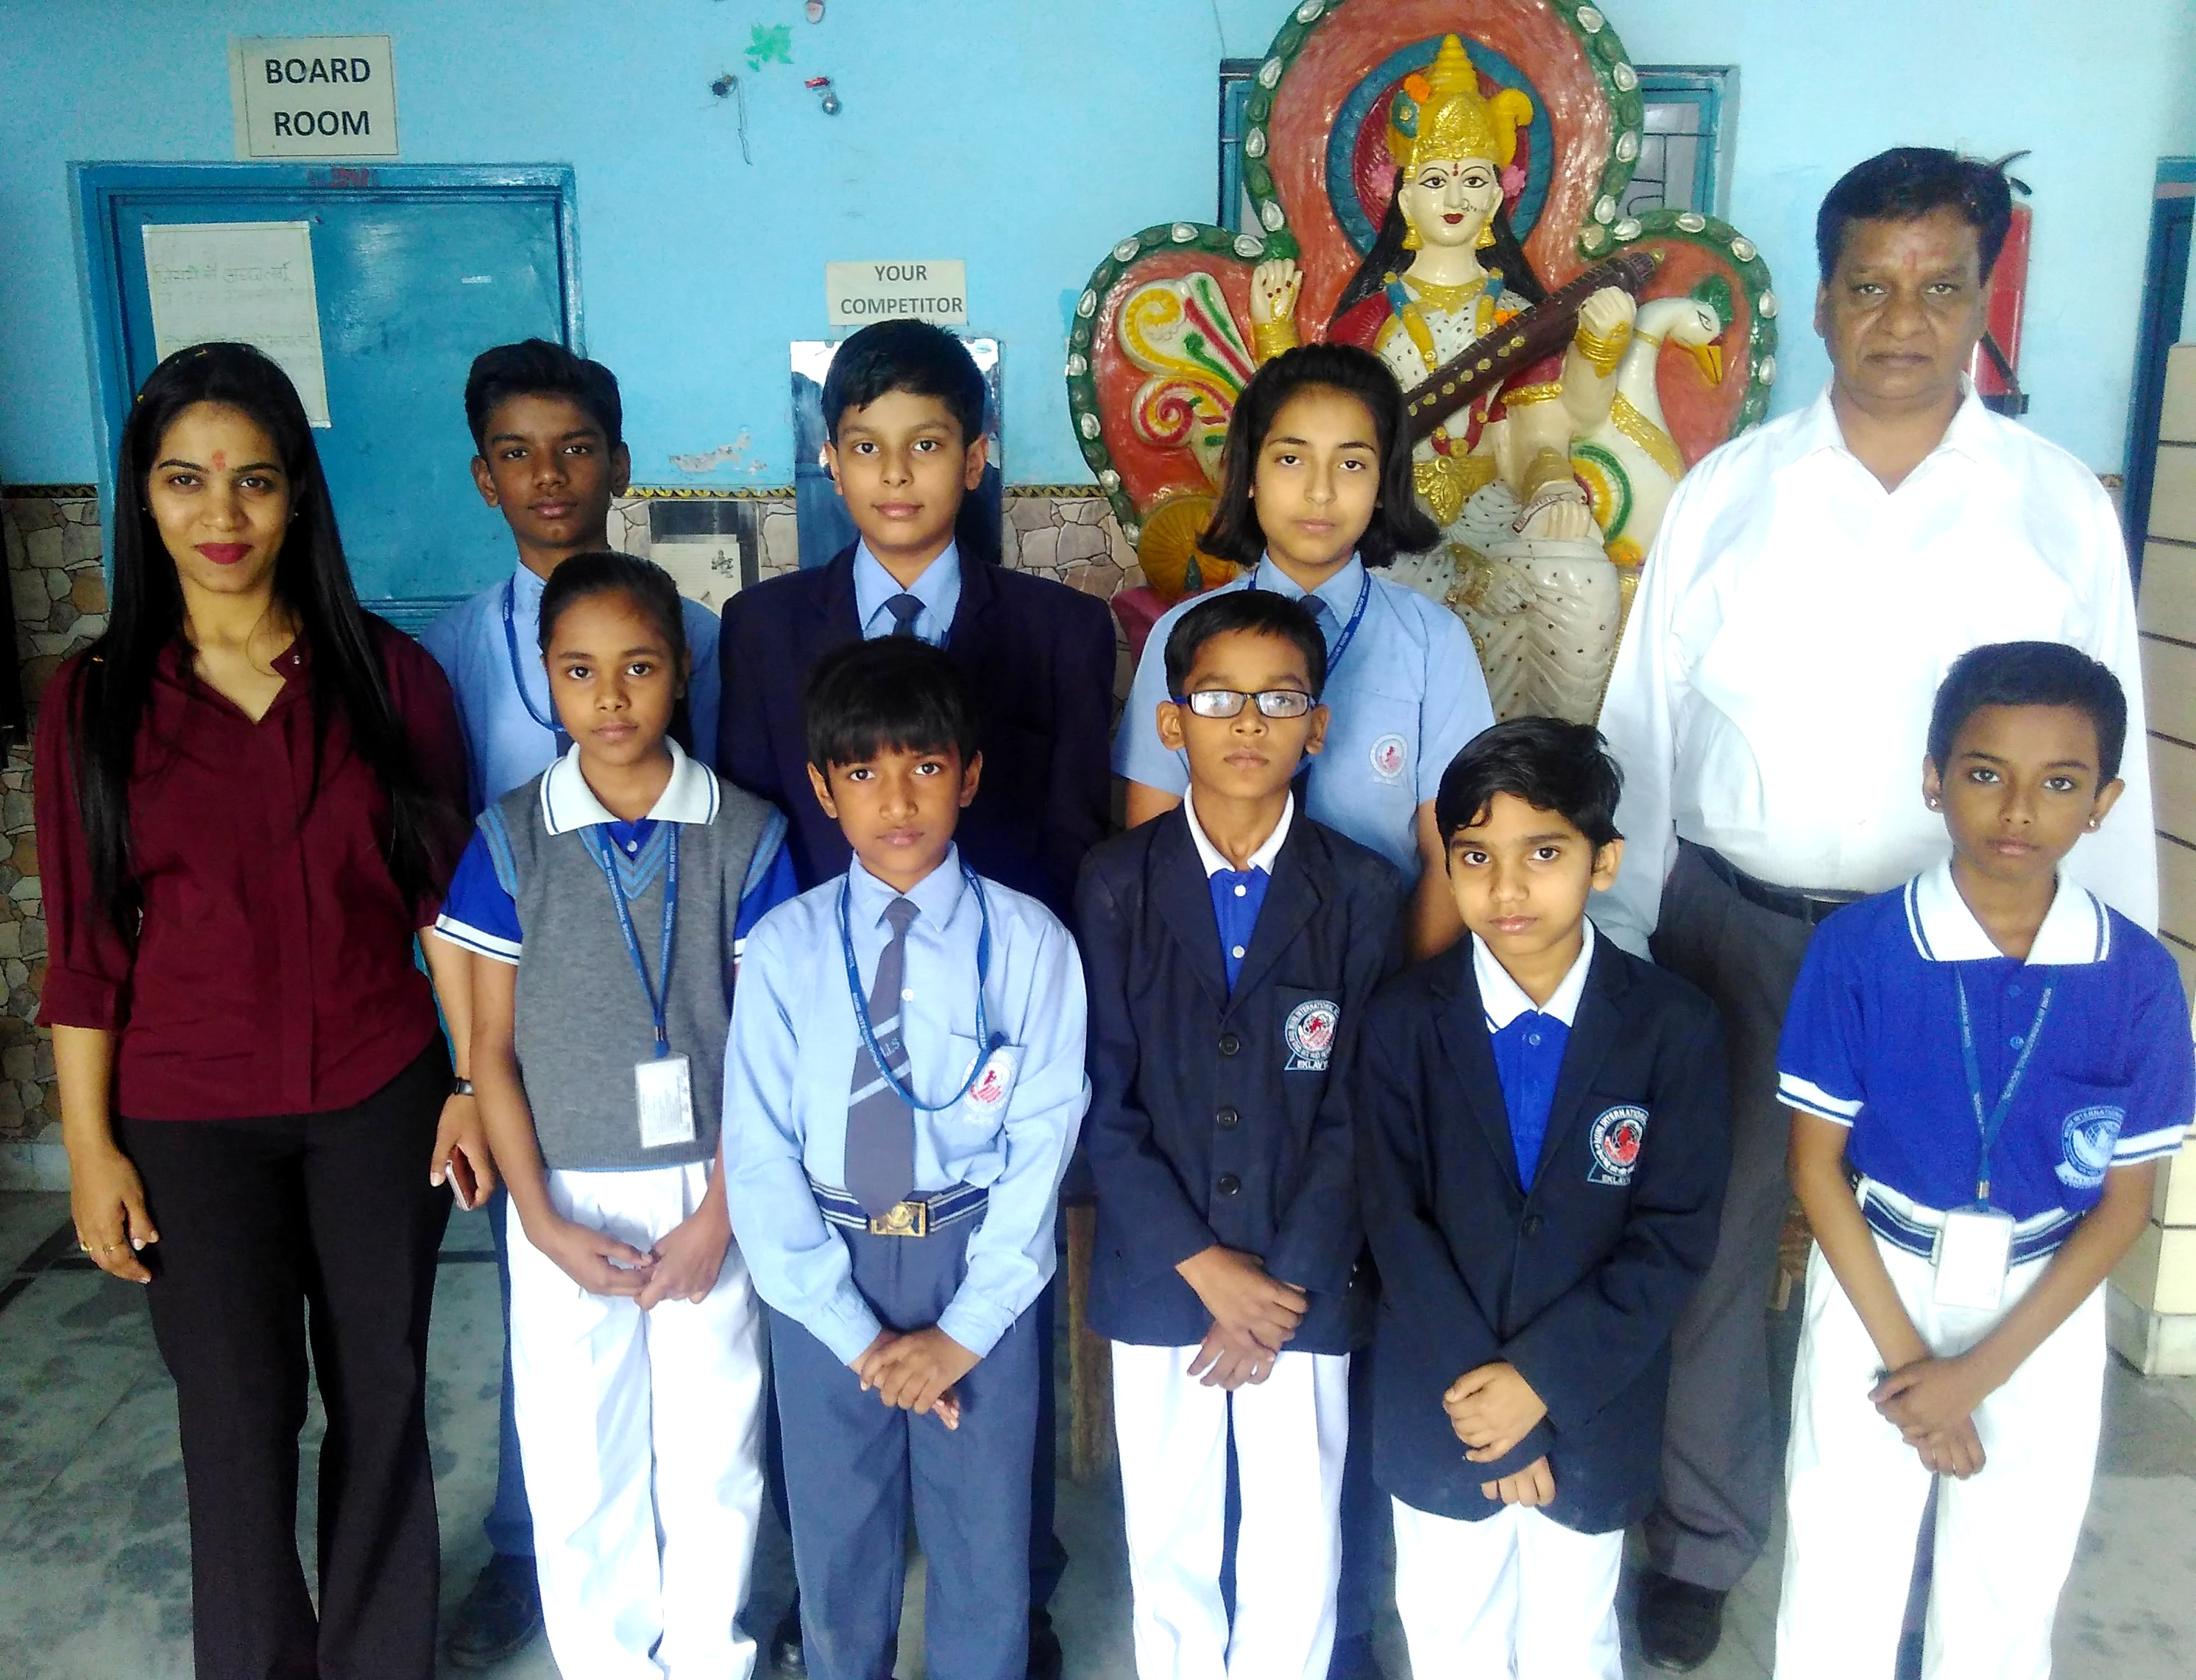 मुनि इंटरनेशनल स्कूल की शिक्षा बनाएगी हर युवाओं को हुनरमंद